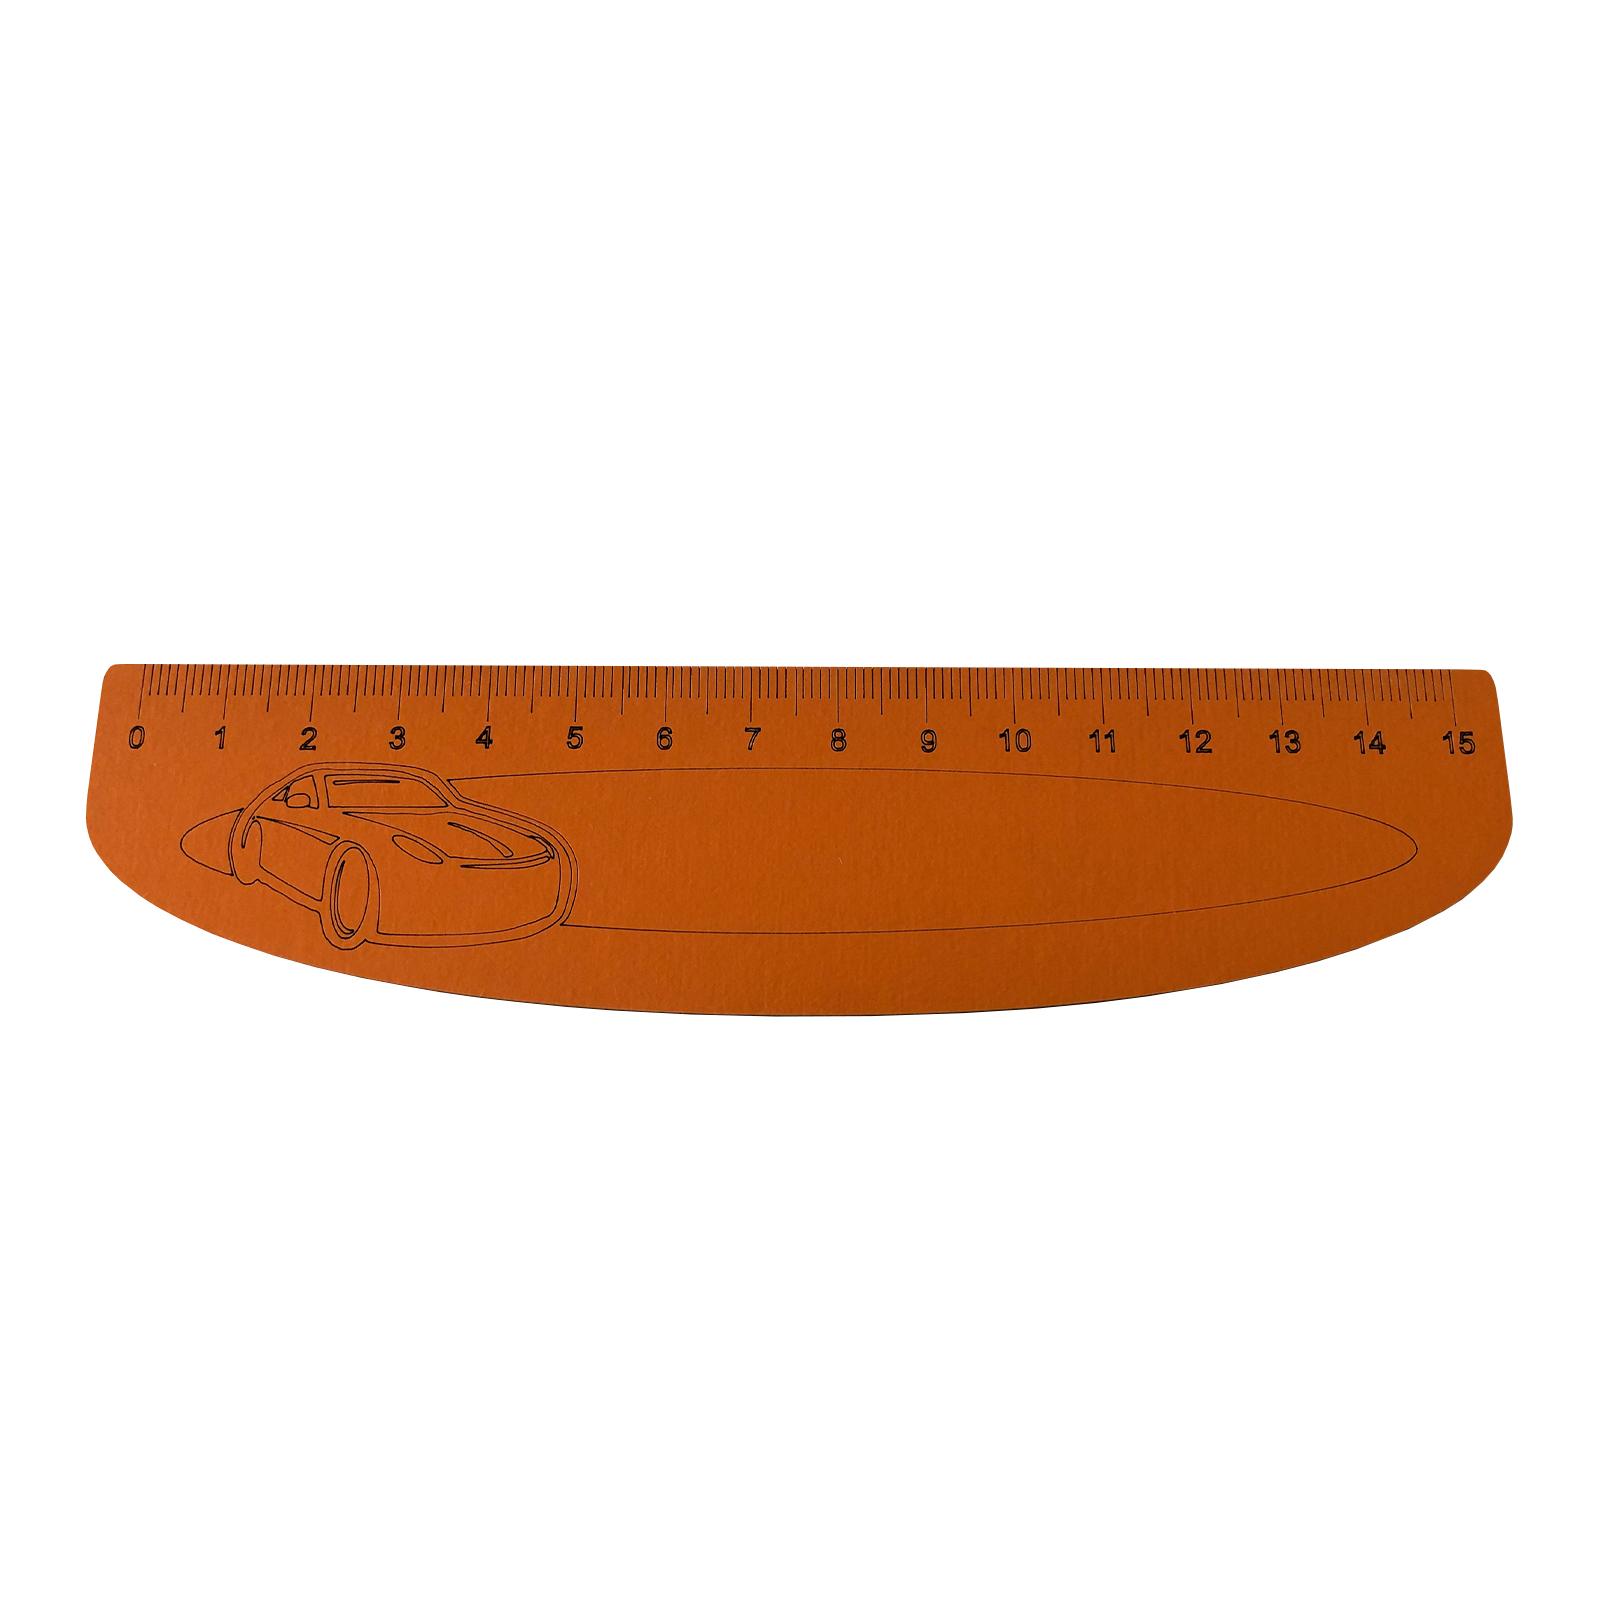 خط کش 15 سانتی متری کد kh4